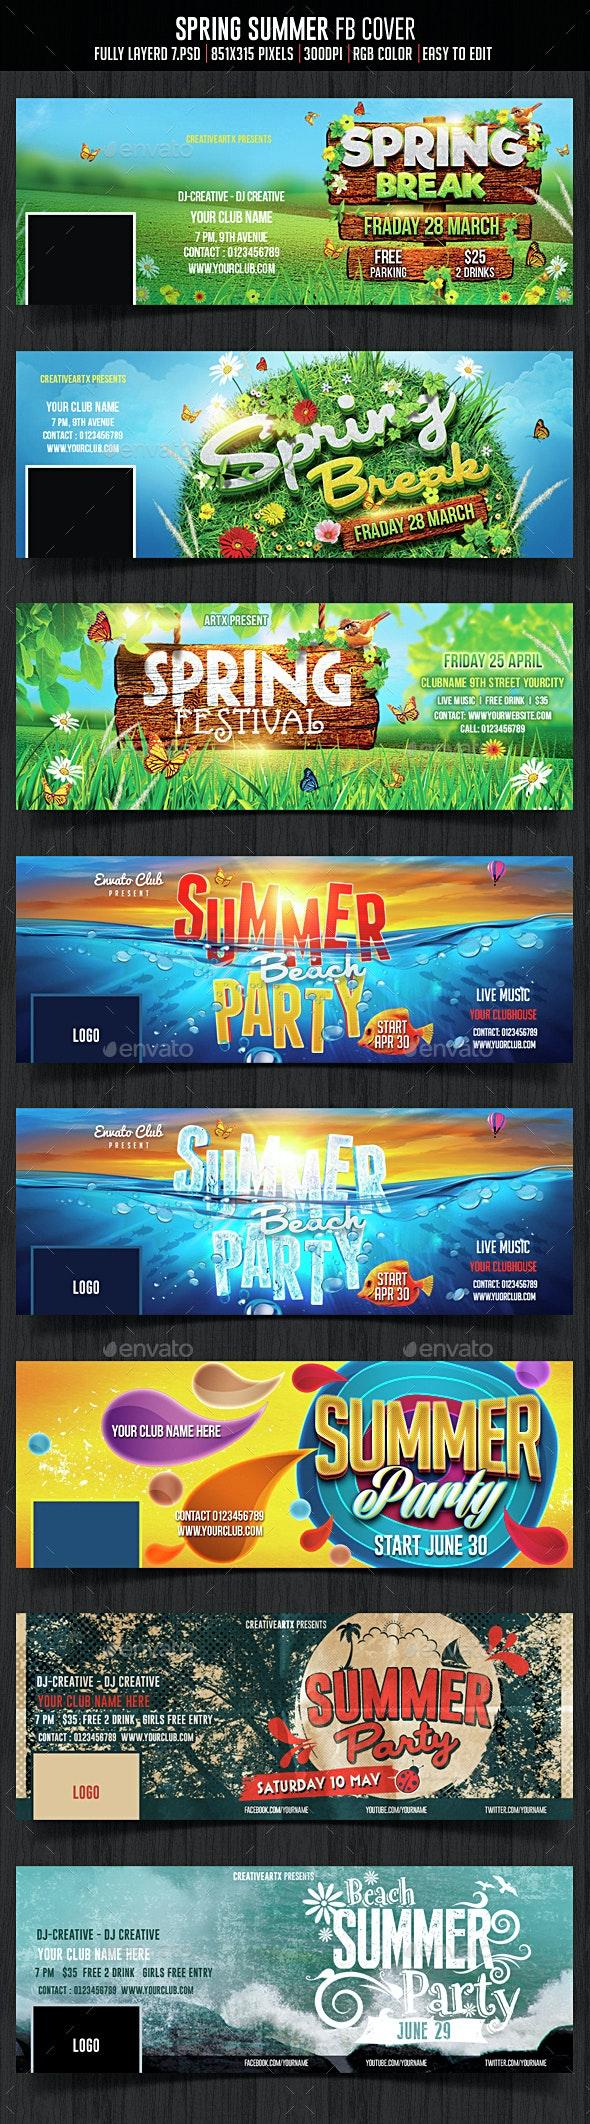 Spring Summer Facebook Cover - Facebook Timeline Covers Social Media